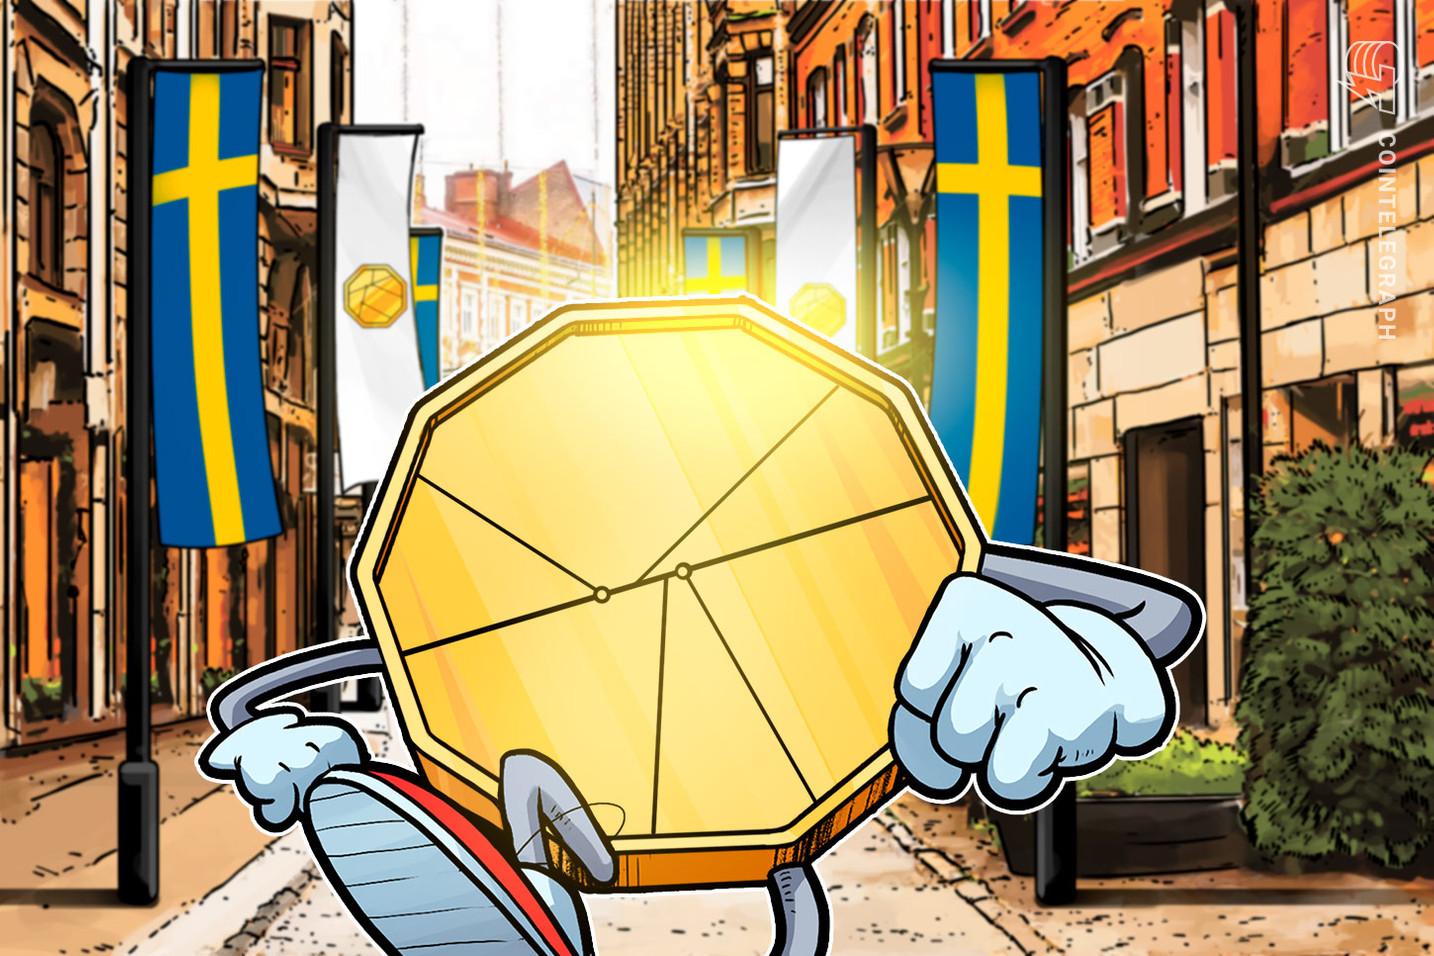 スウェーデン、デジタル通貨「eクローナ」のパイロットプログラムを来年2月にまで延長